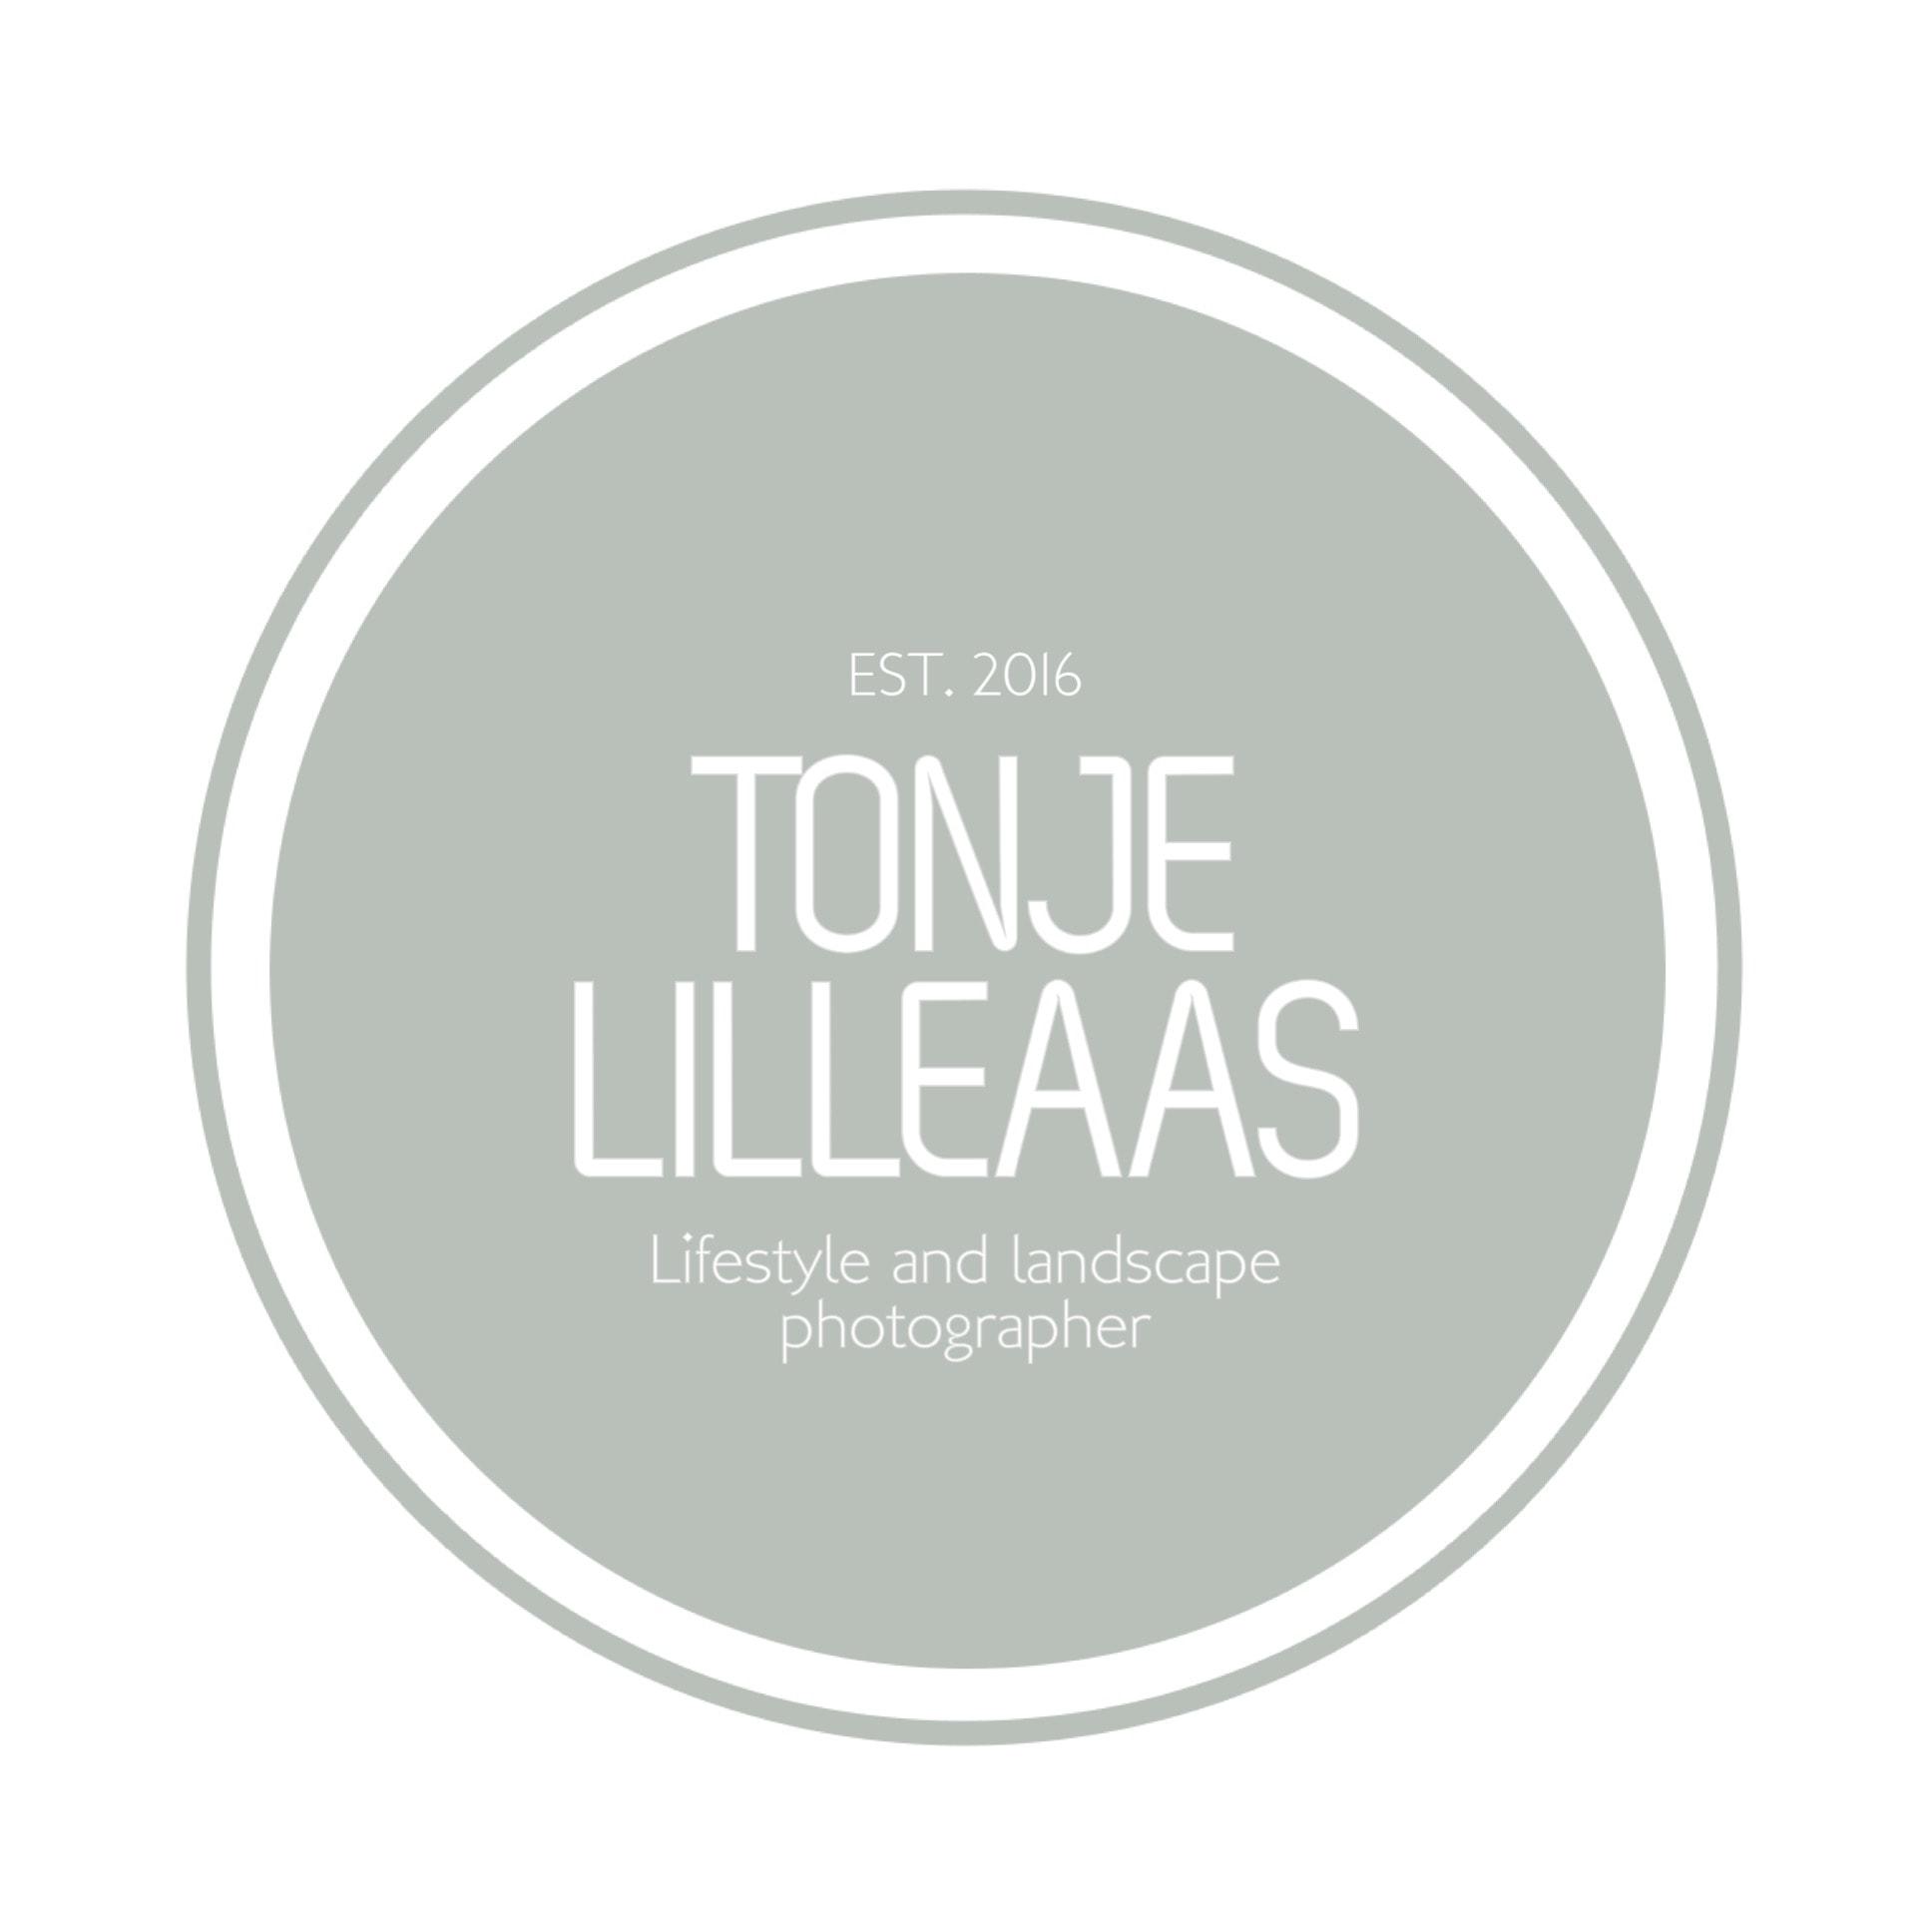 Tonje Lilleås